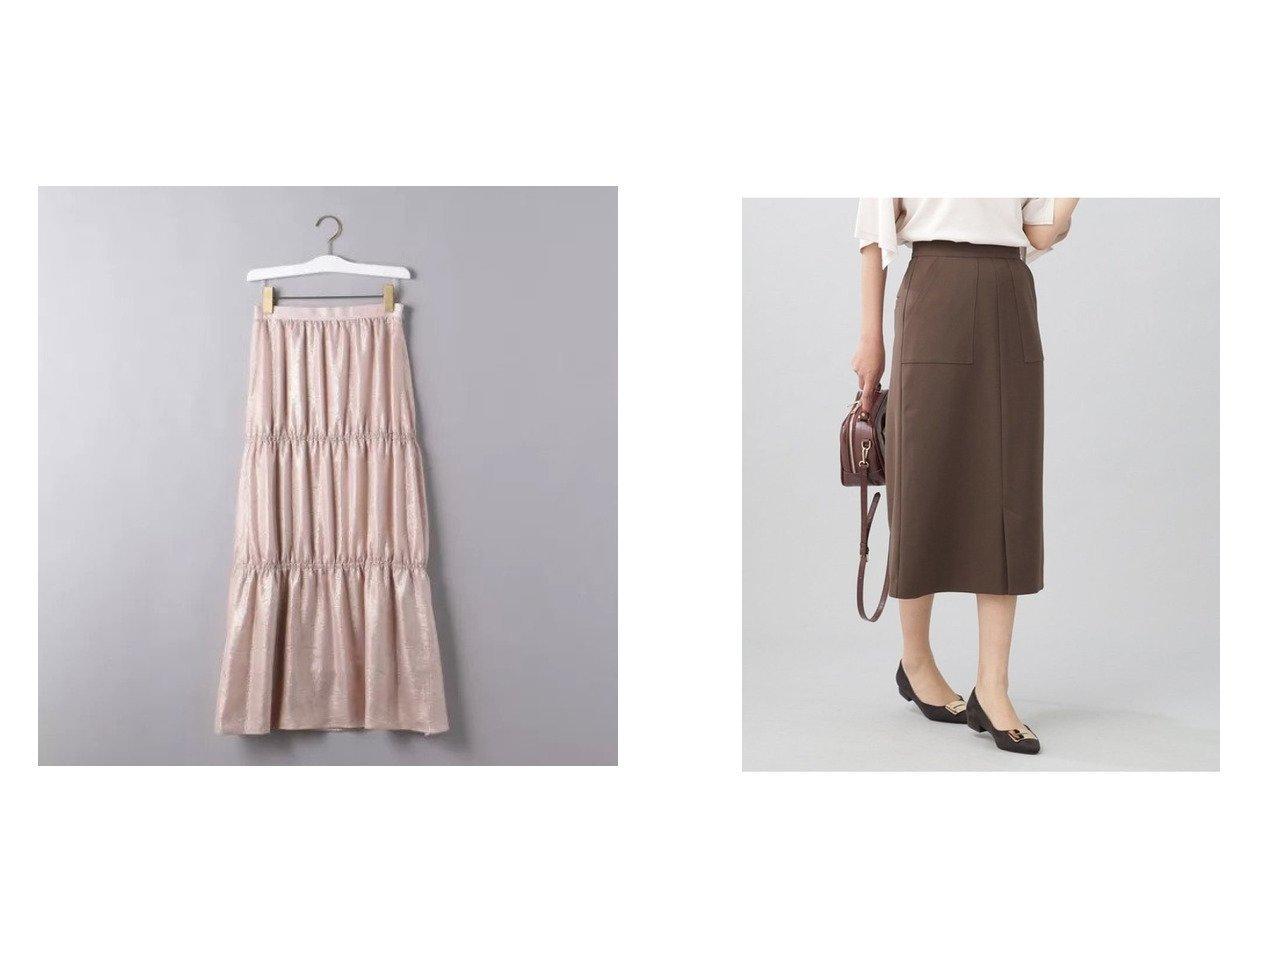 【nano universe/ナノ ユニバース】のWEB限定/スリットタイトスカート&【UNITED ARROWS/ユナイテッドアローズ】のラメ ティアードスカート 【スカート】おすすめ!人気、トレンド・レディースファッションの通販  おすすめで人気の流行・トレンド、ファッションの通販商品 インテリア・家具・メンズファッション・キッズファッション・レディースファッション・服の通販 founy(ファニー) https://founy.com/ ファッション Fashion レディースファッション WOMEN スカート Skirt ティアードスカート Tiered Skirts イタリア ギャザー ティアードスカート プリント マキシ メタリック ロング スリット フロント おすすめ Recommend  ID:crp329100000062289